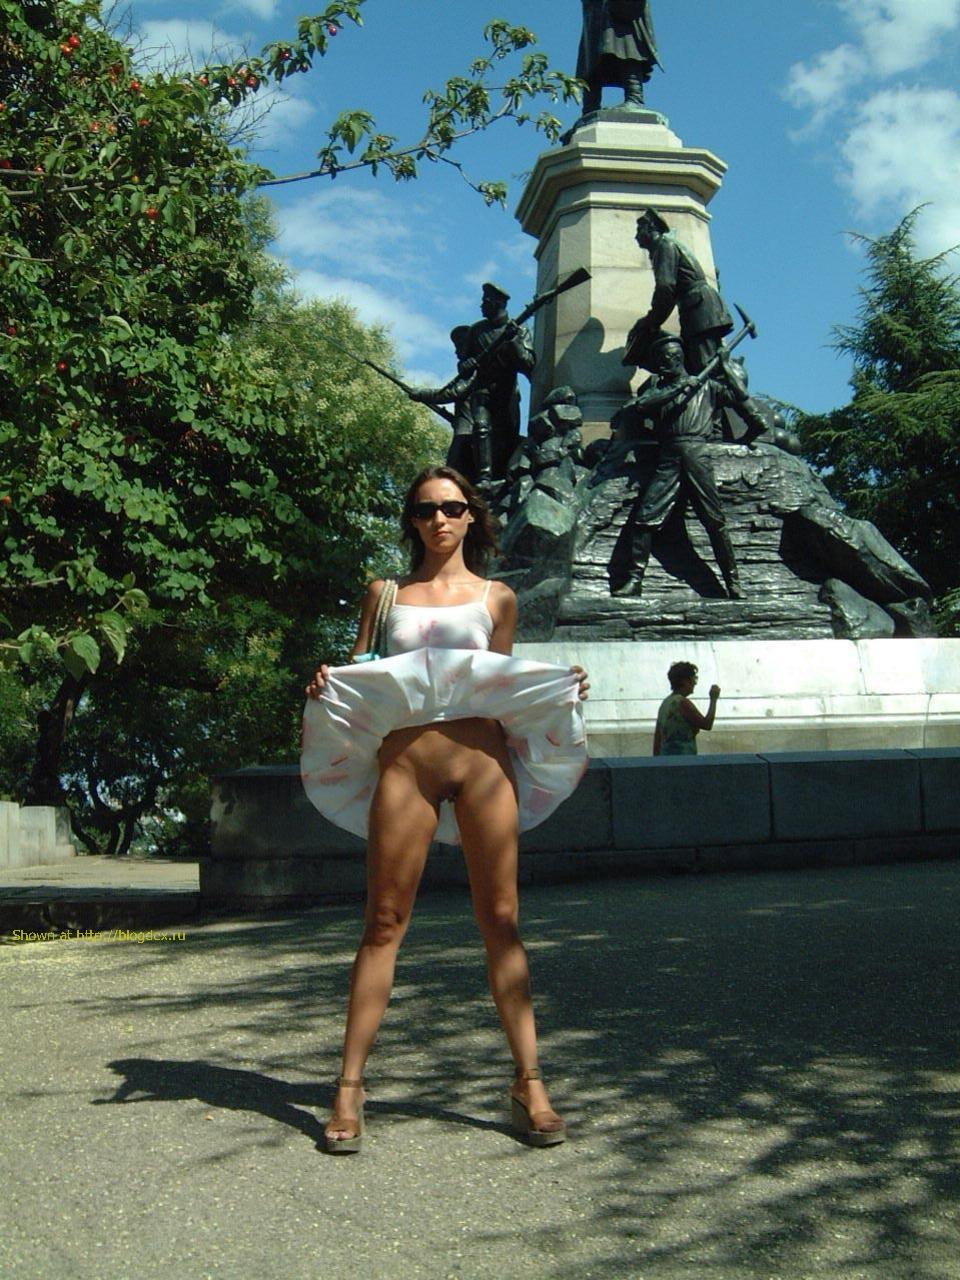 Эротика в севастополе фото 3 фотография